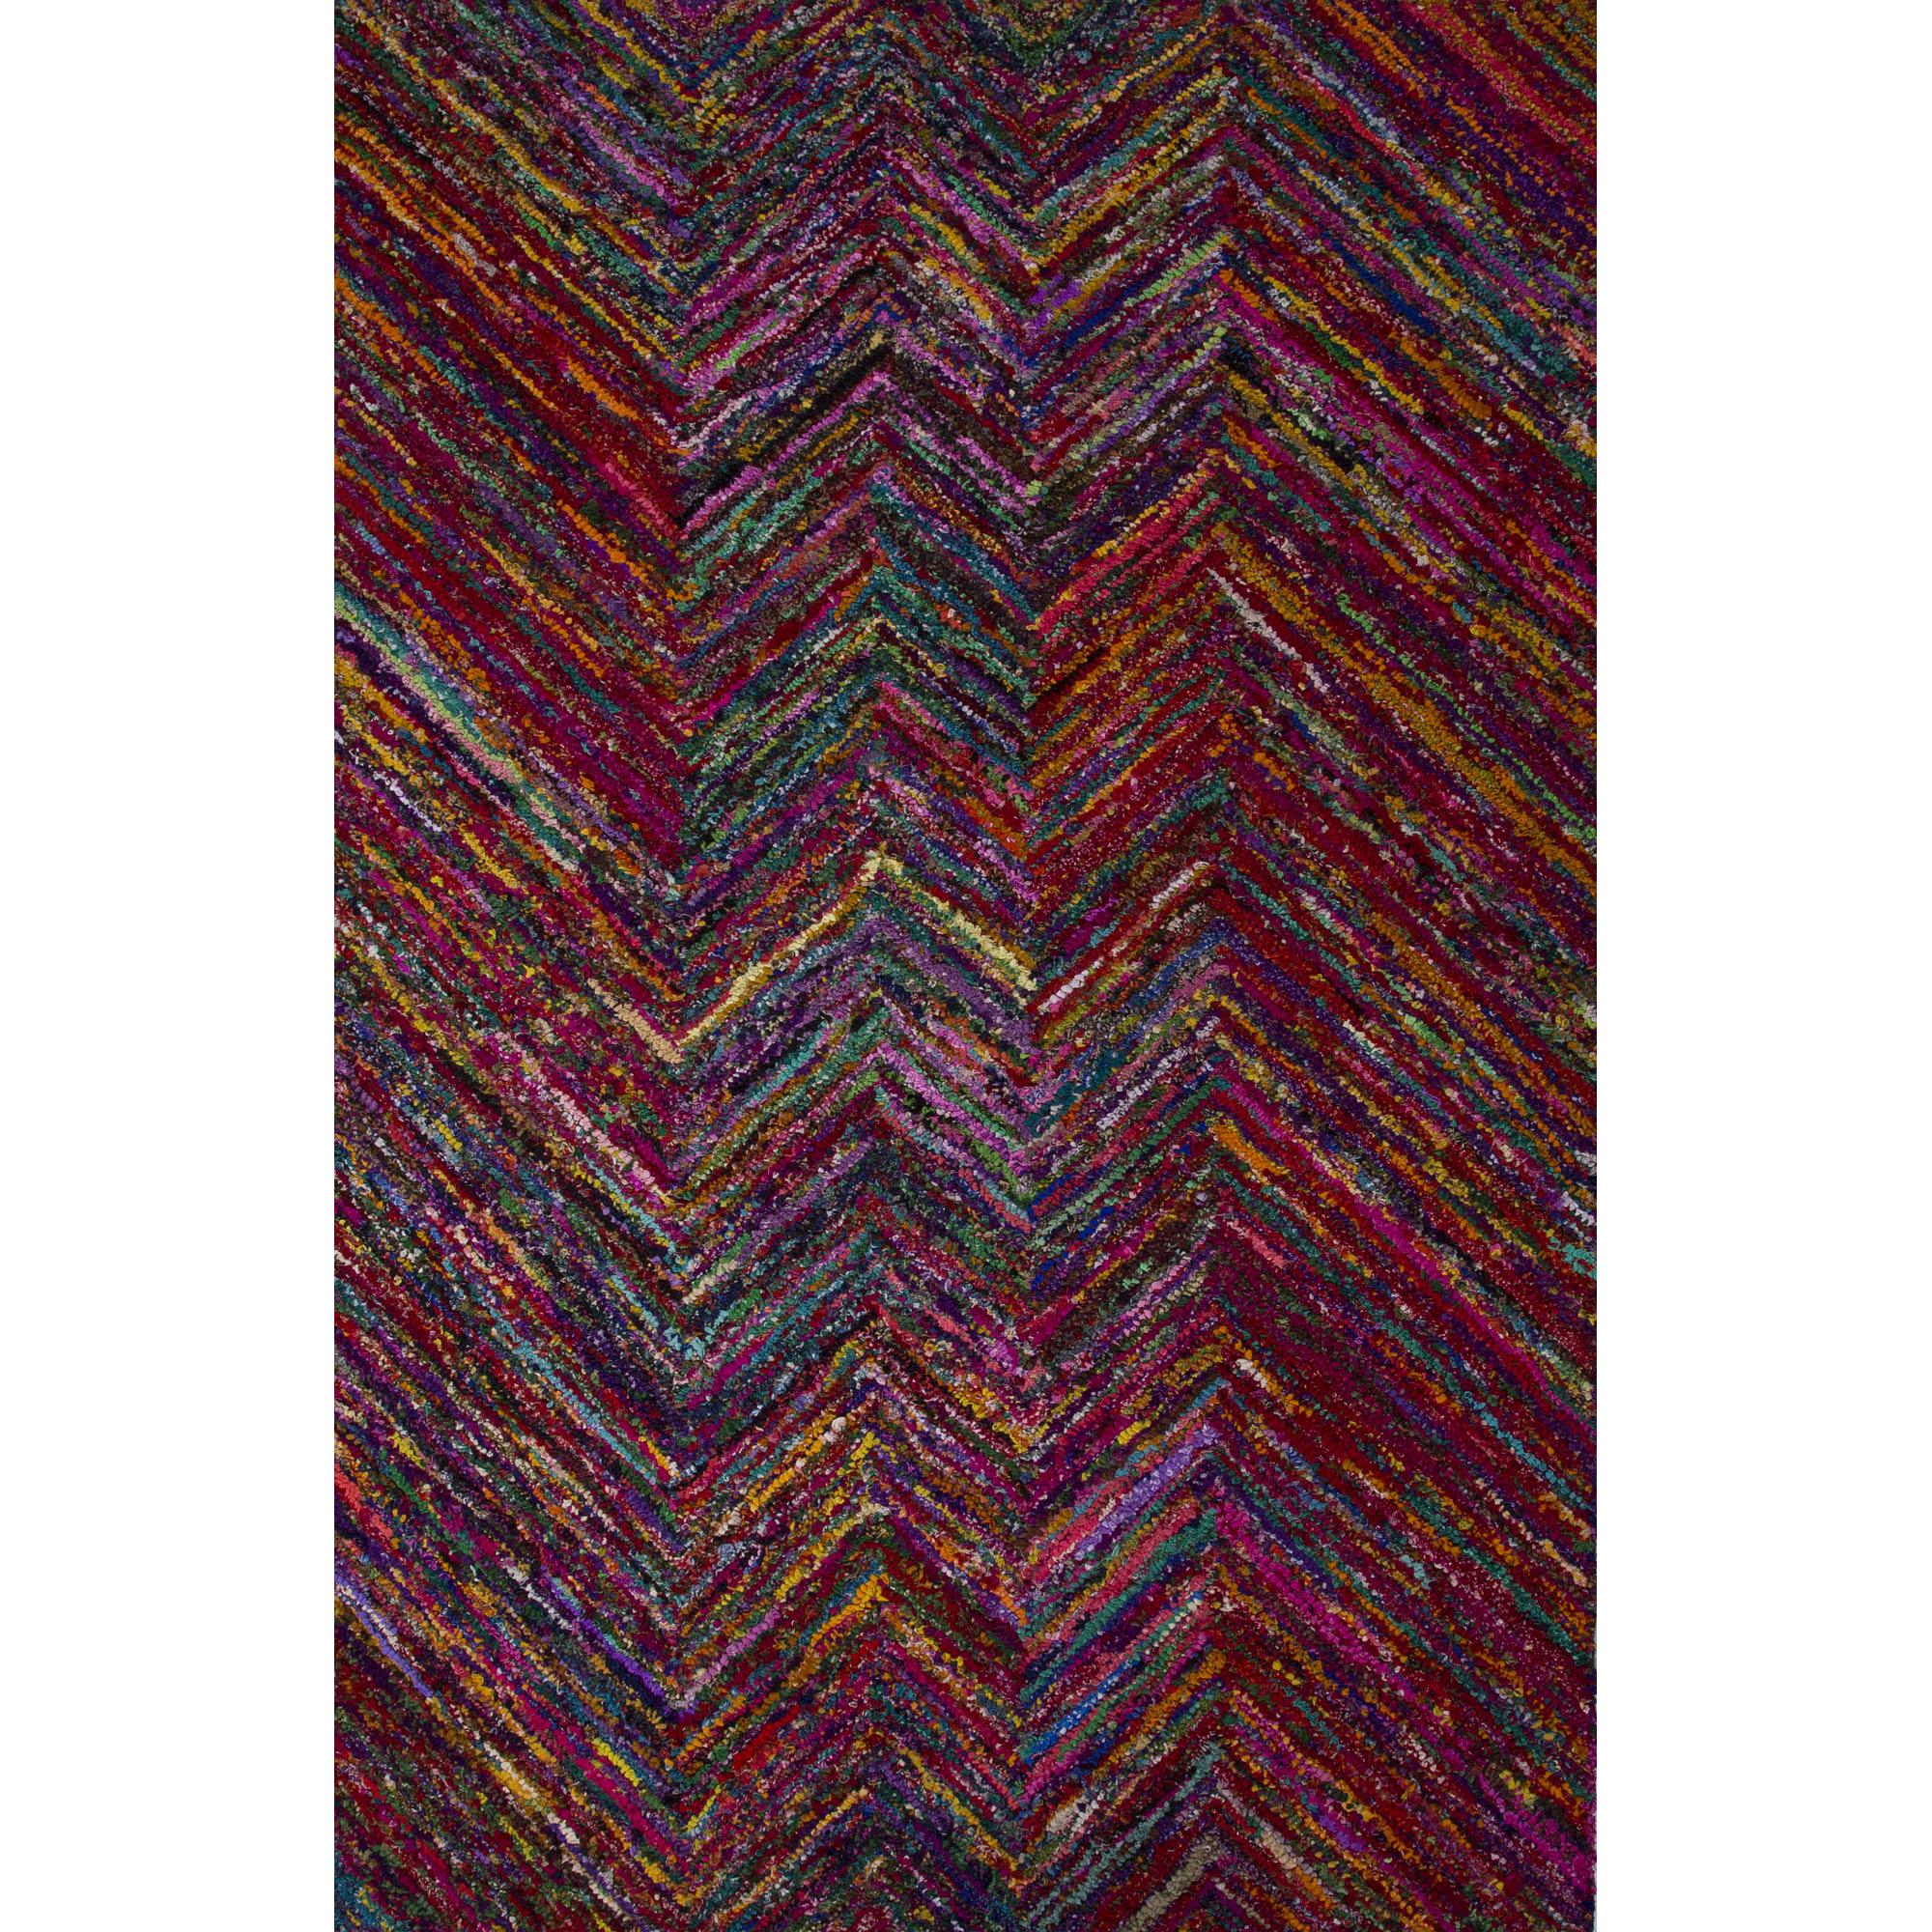 JAIPUR Rugs Monroe 8 x 10 Rug - Item Number: RUG124686